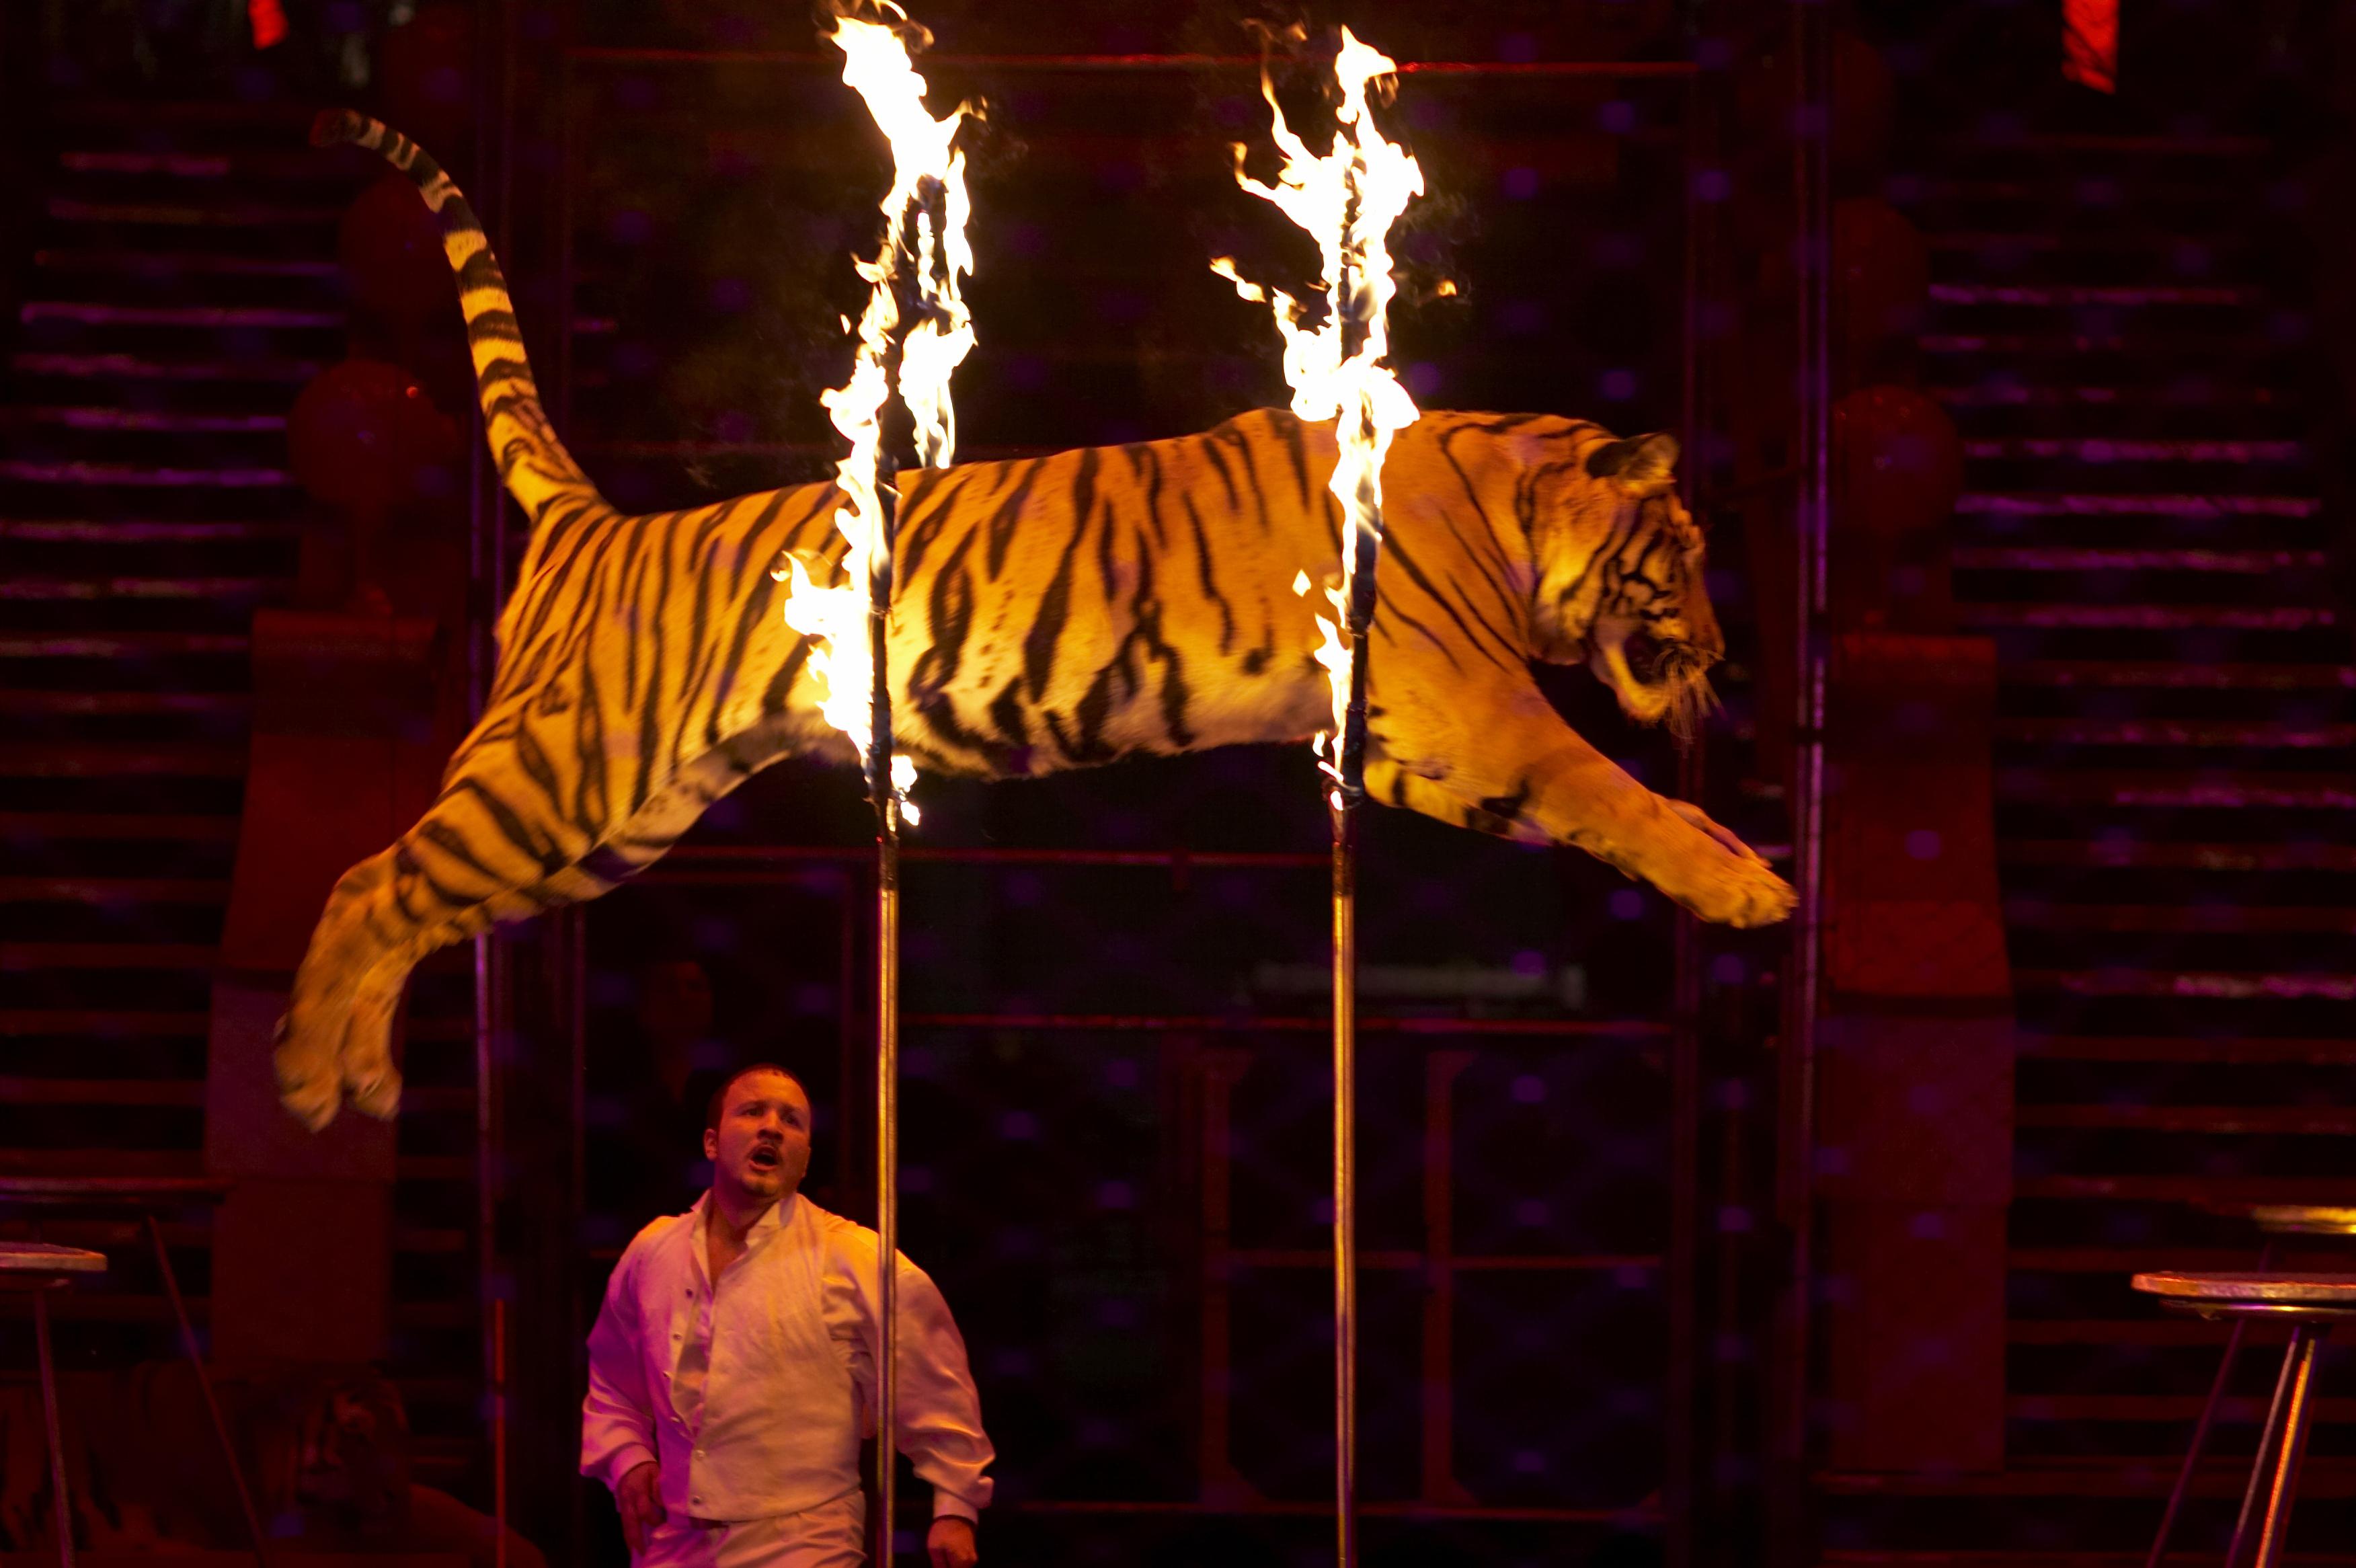 Українців закликають відмовитися від цирків із тваринами - фото 1